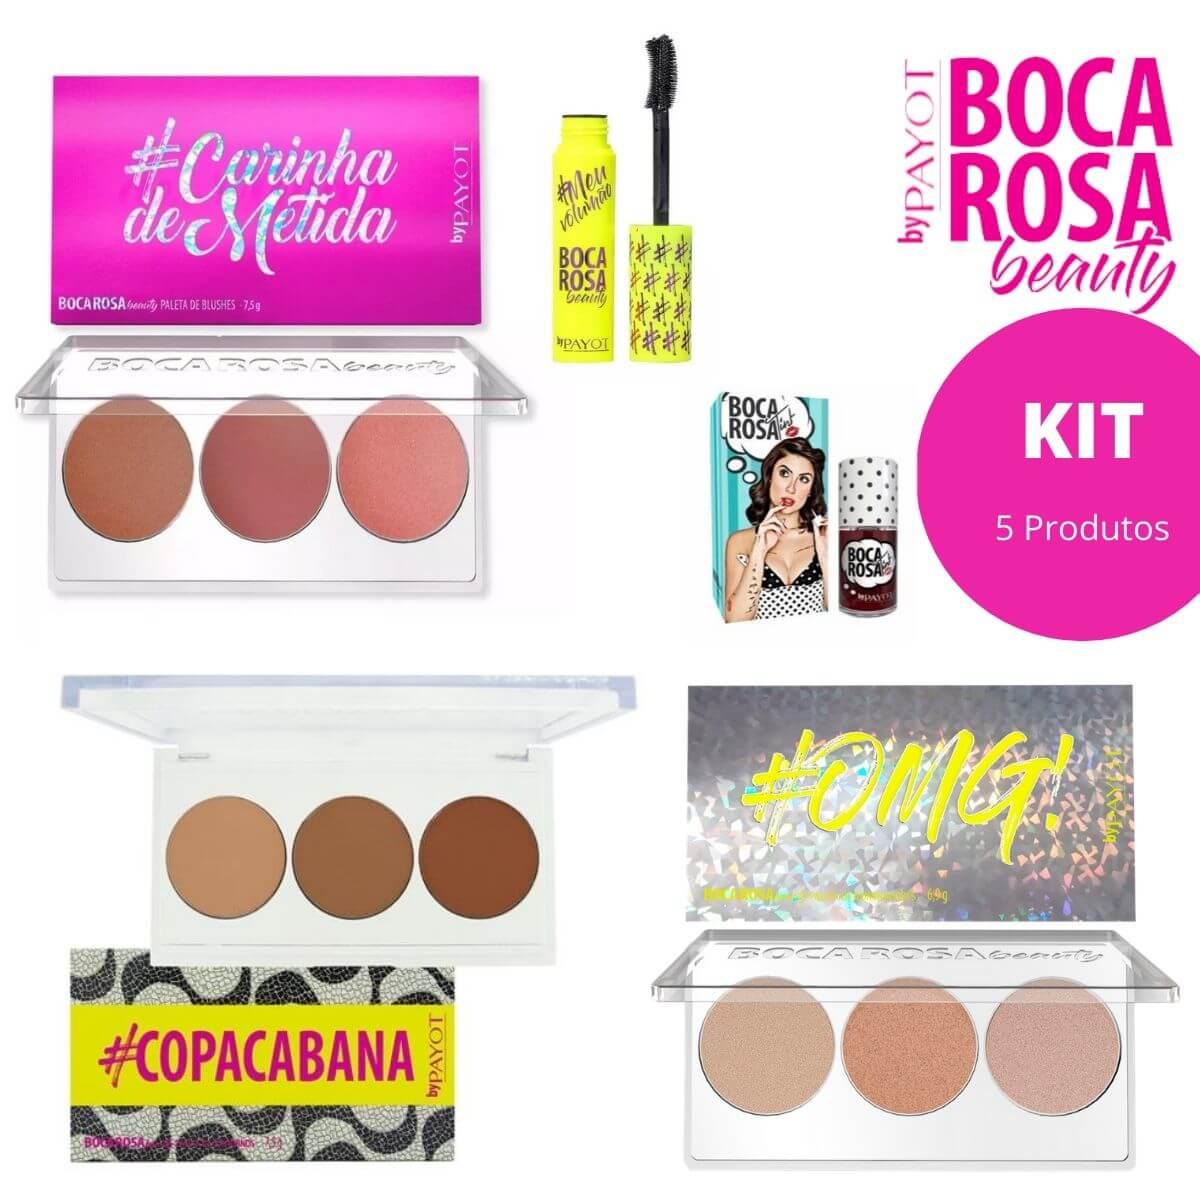 Kit Boca Rosa beauty by Payot - 5 Produtos